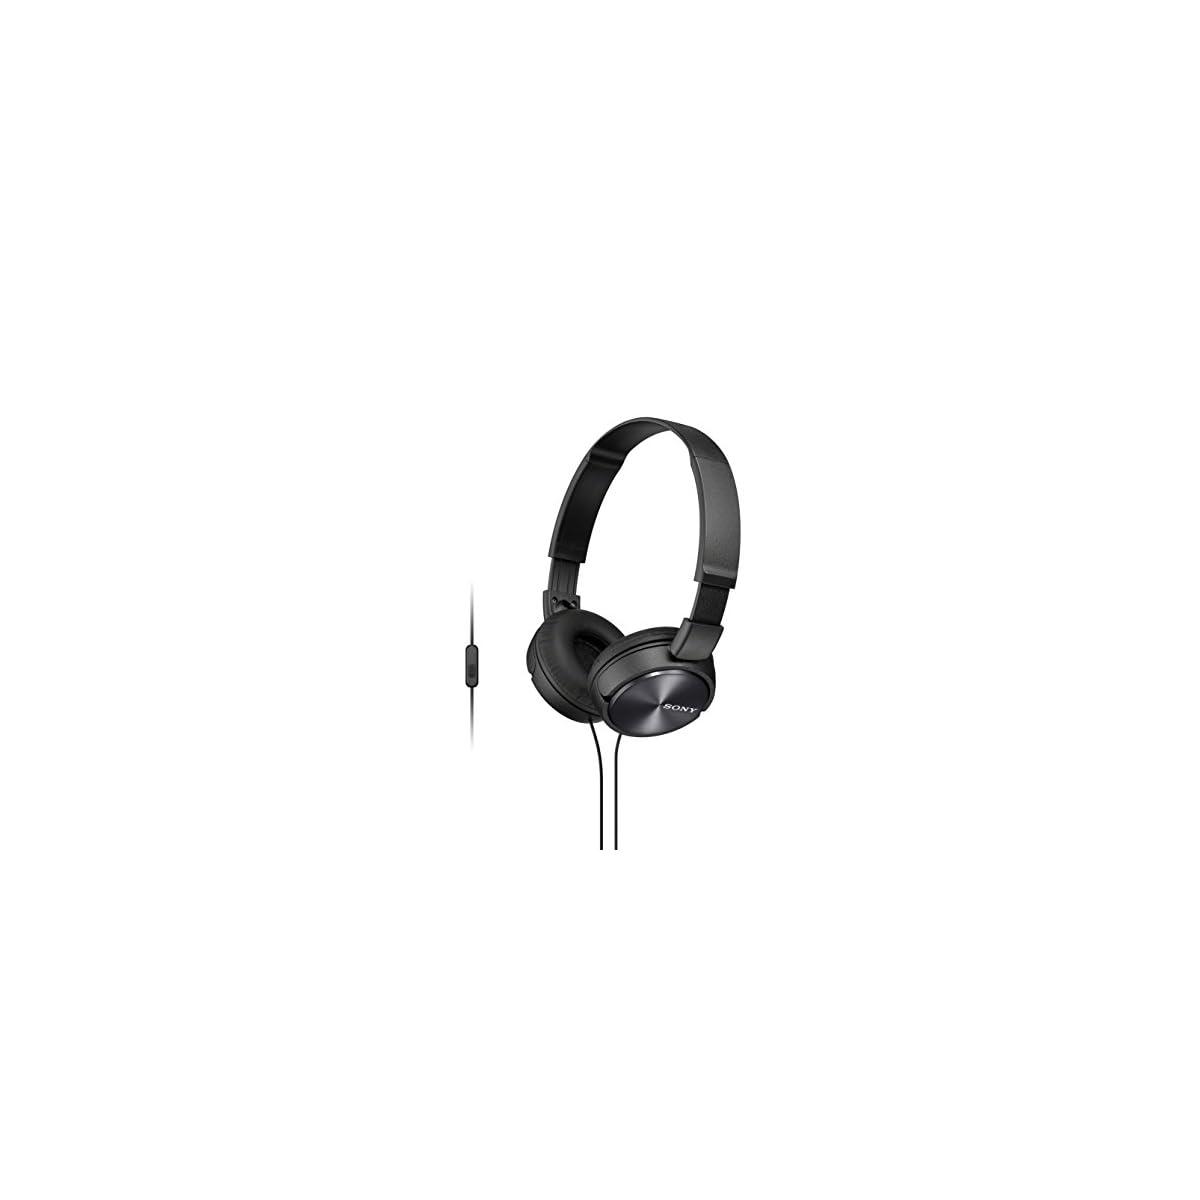 Auriculares de diadema cerrados con micr/ófono, control remoto integrado azul Sony MDR-ZX310APL